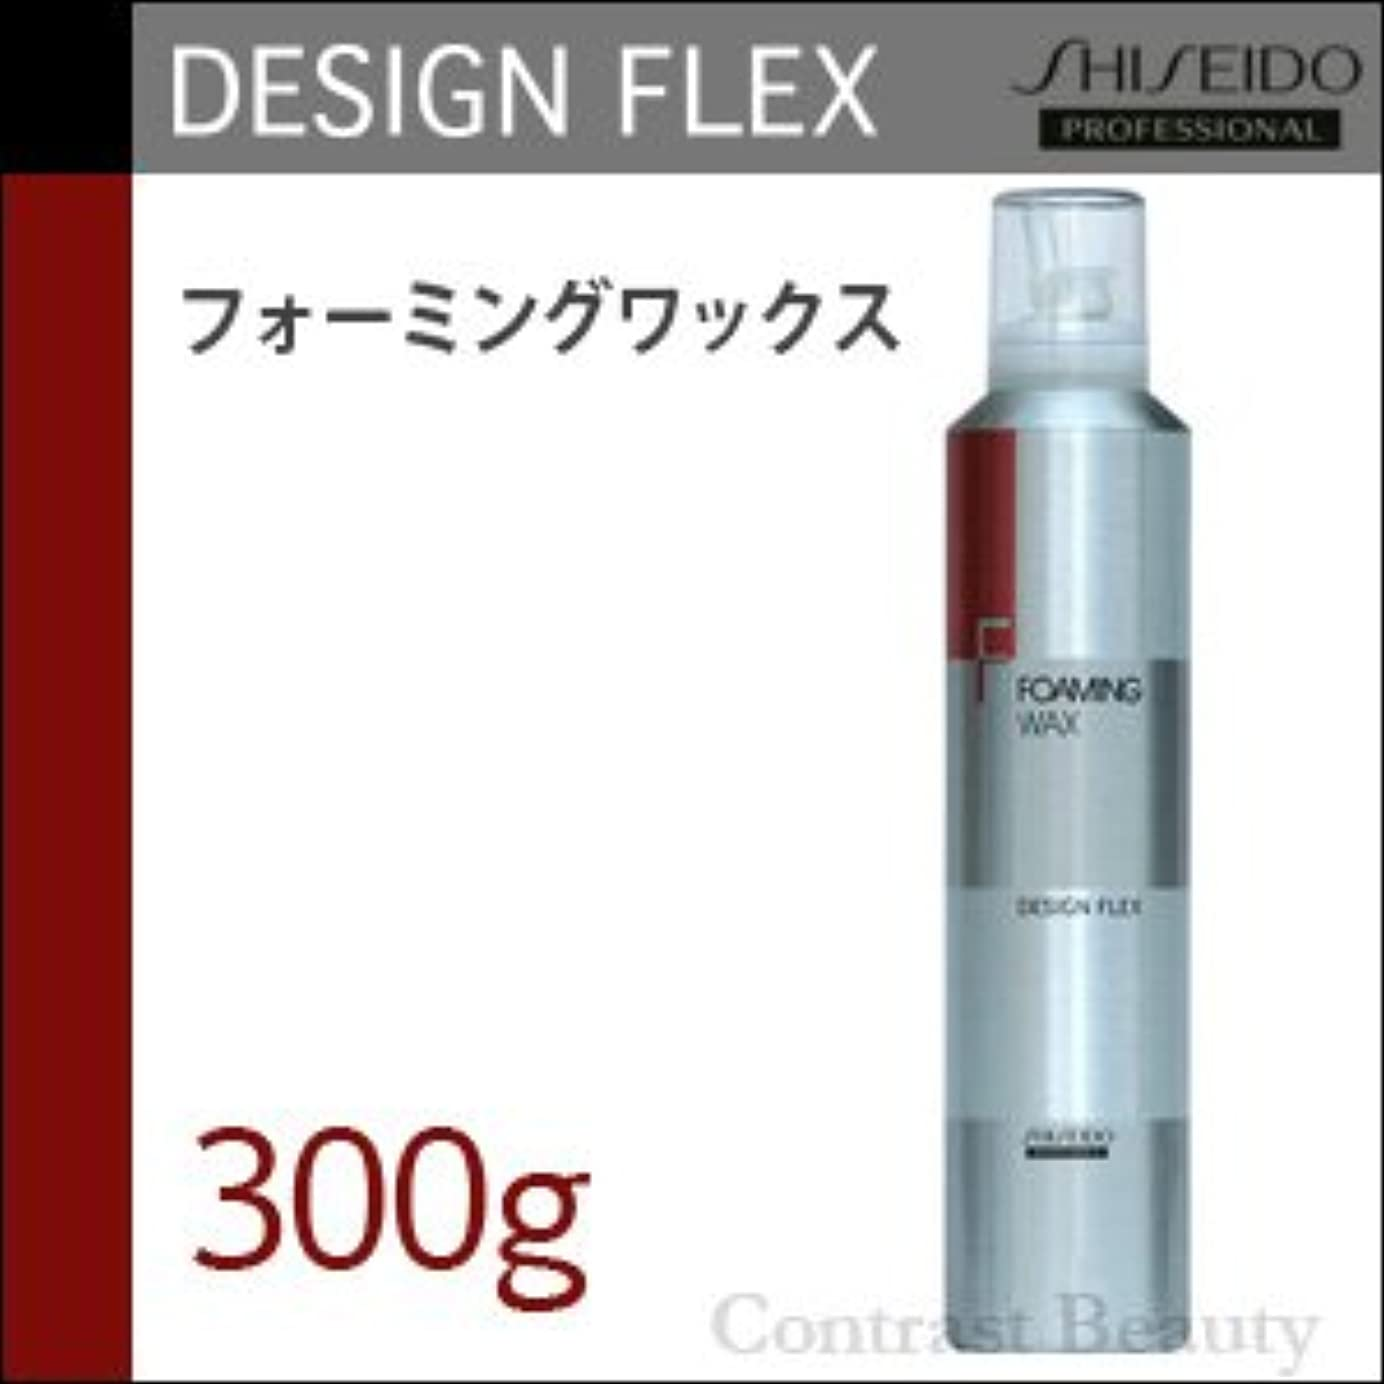 選ぶファシズム対応【x5個セット】 資生堂 デザインフレックス フォーミングワックス 300g